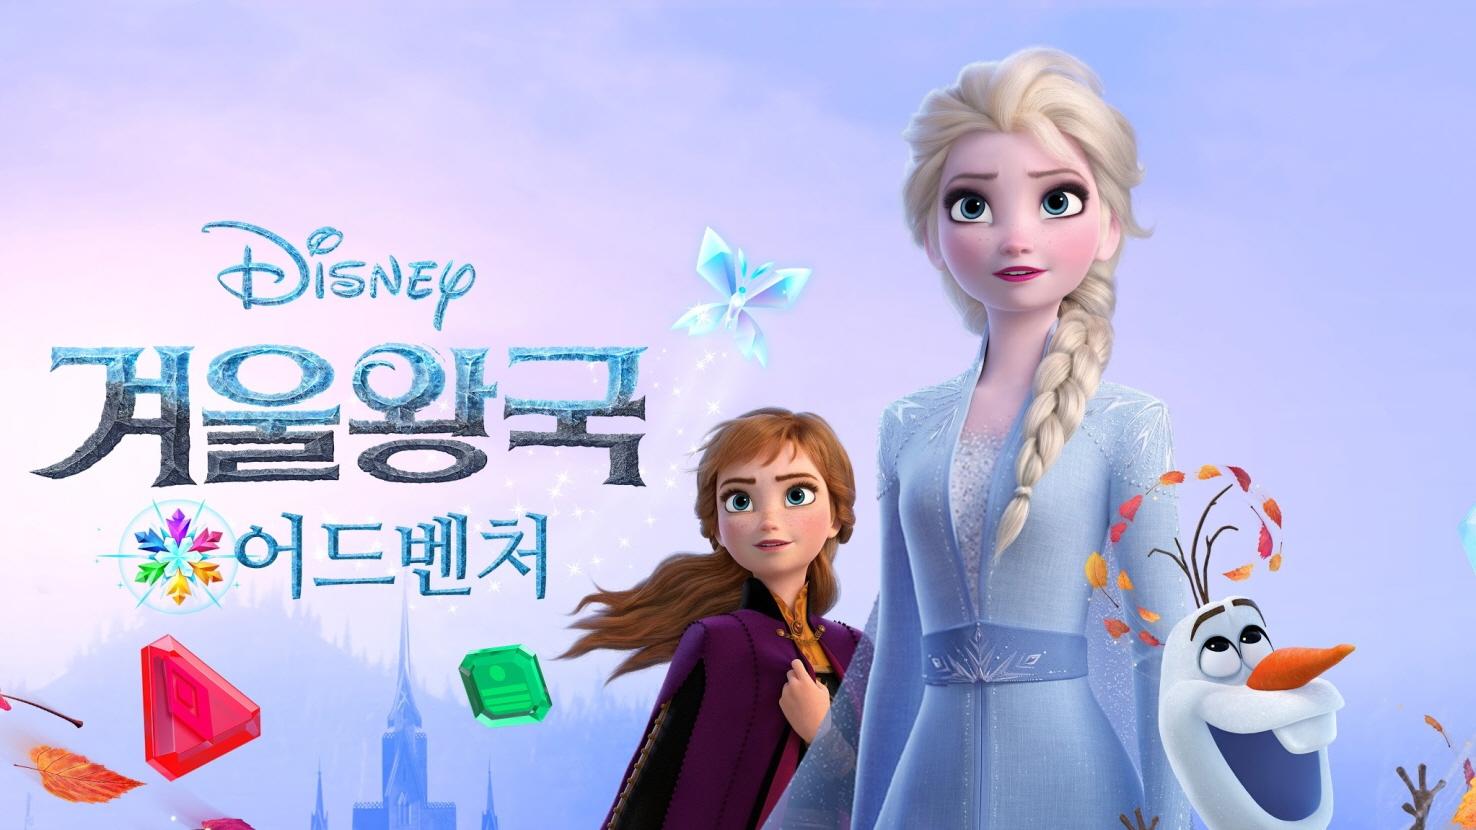 디즈니 겨울왕국 어드벤처